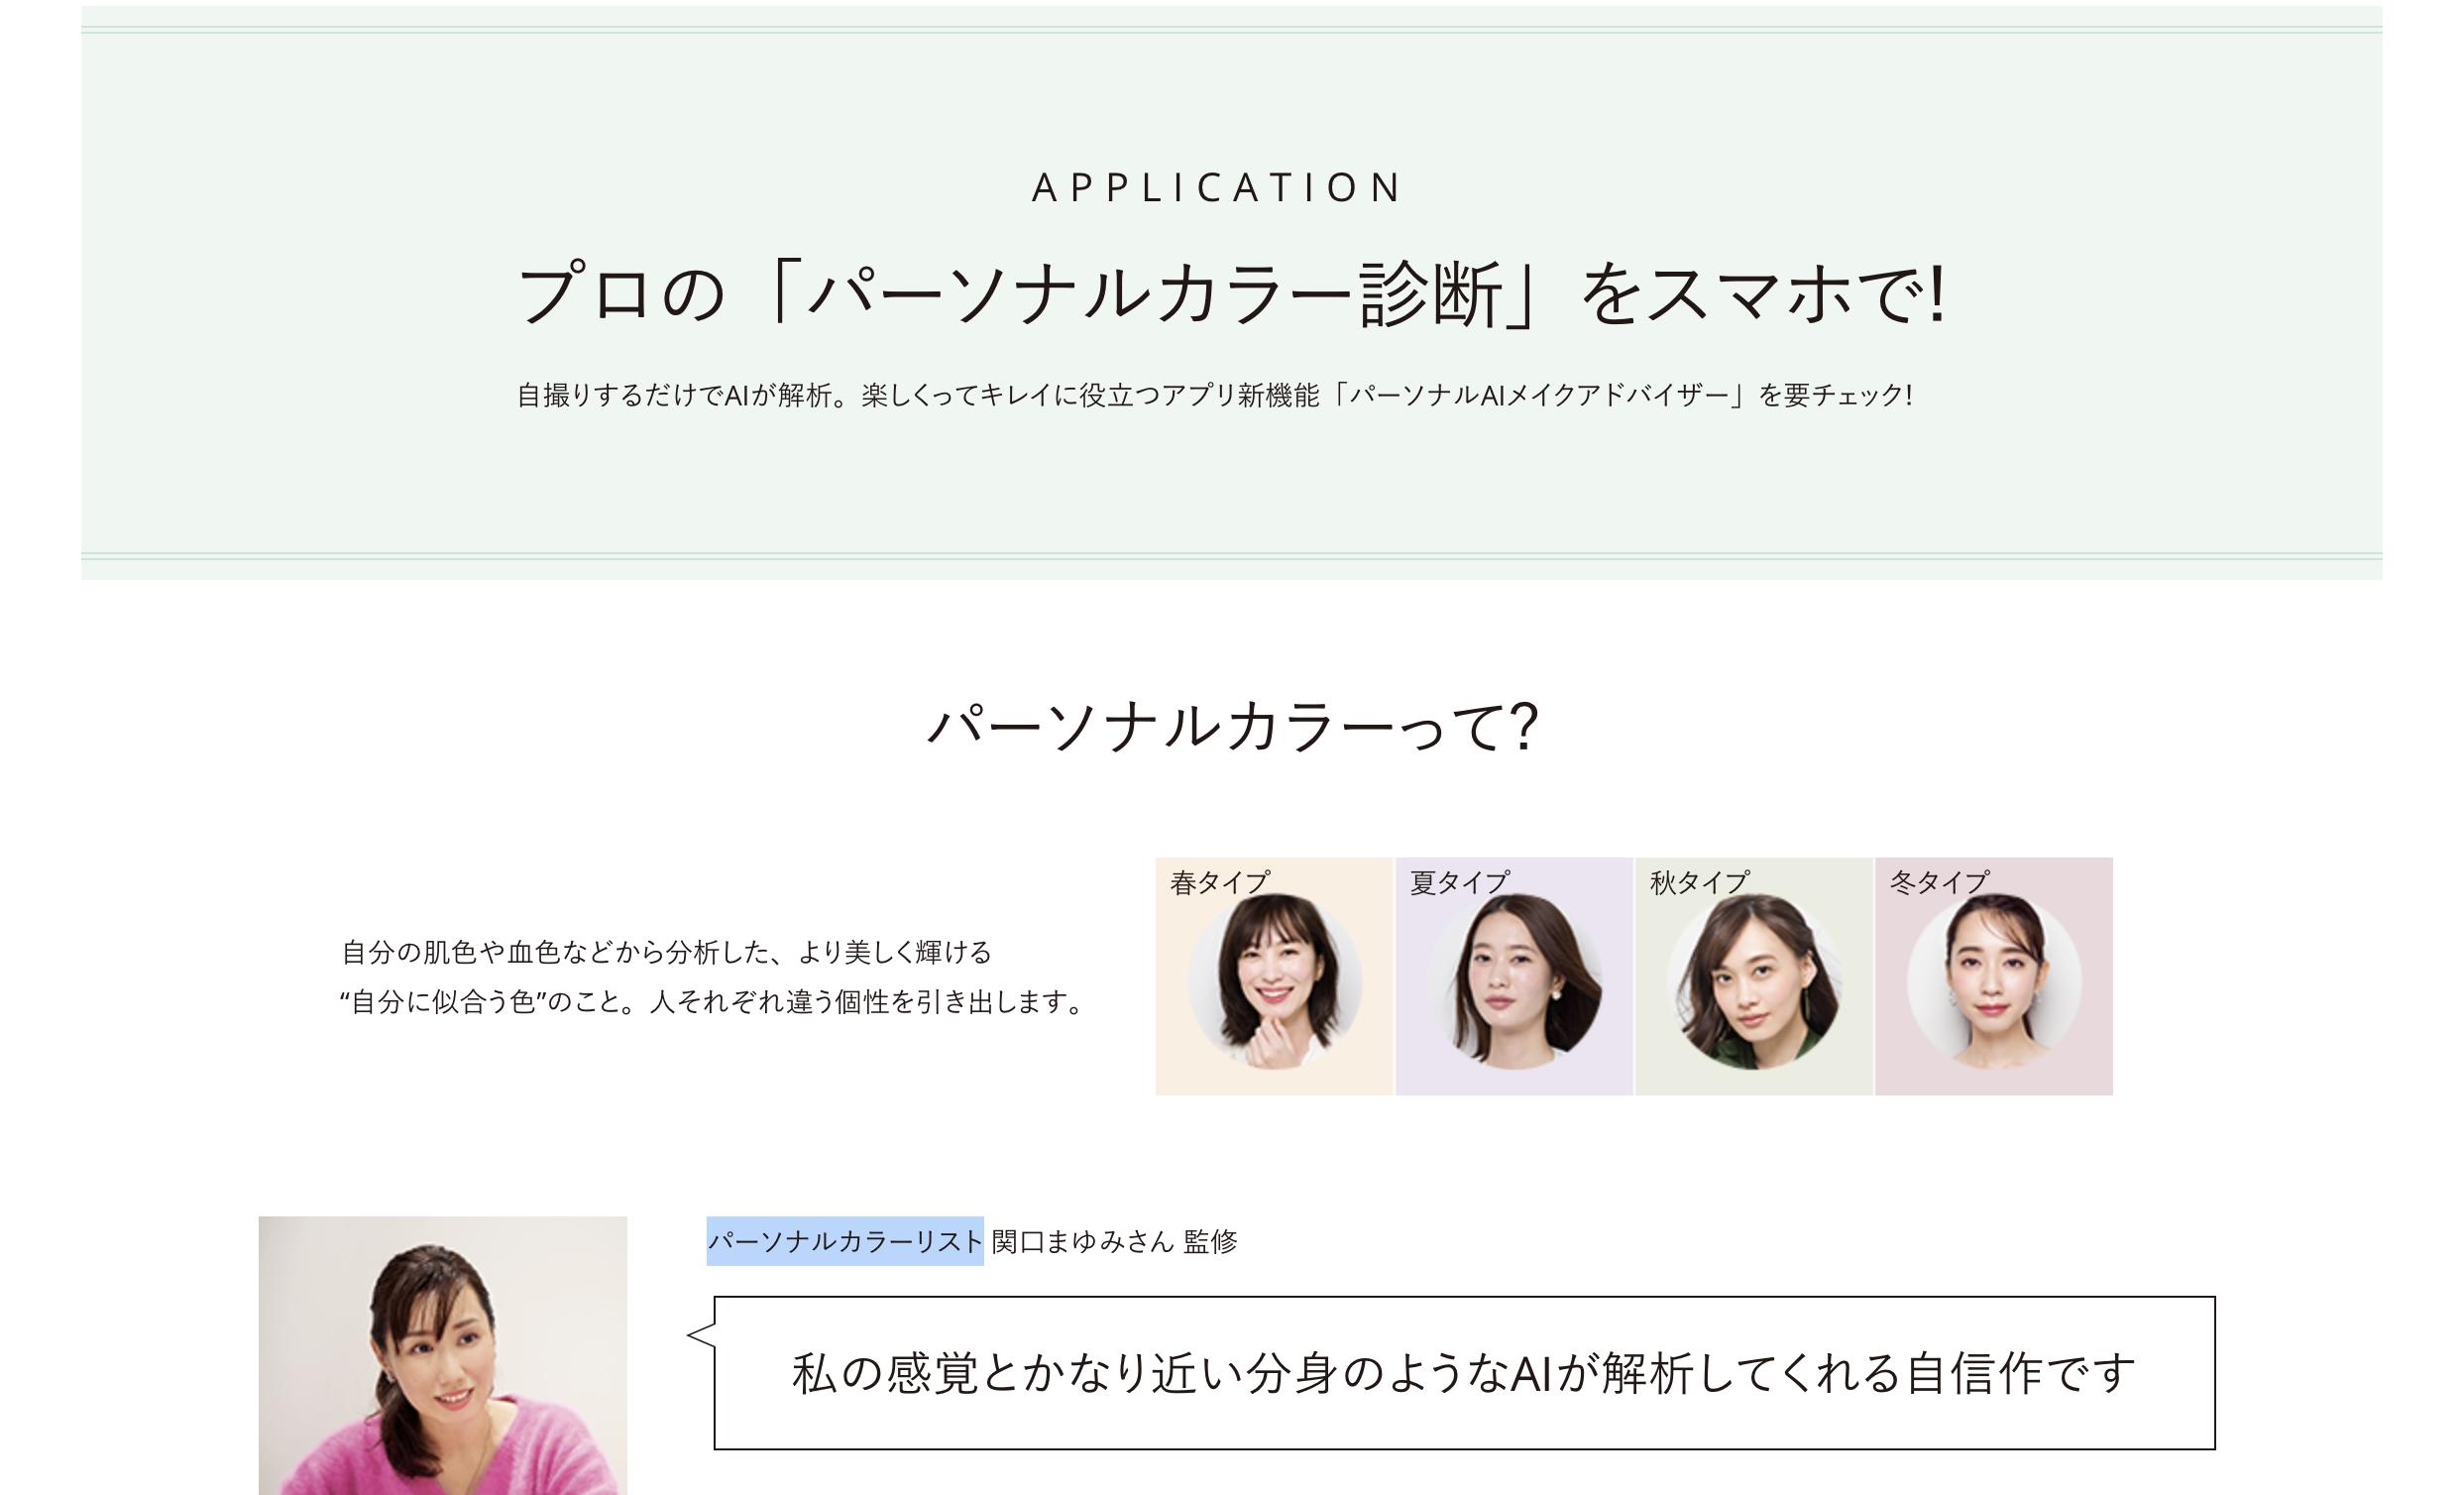 スマホアプリで「自分に似合う色」を診断して商品を提案 「オルビス」のパーソナルカラー診断